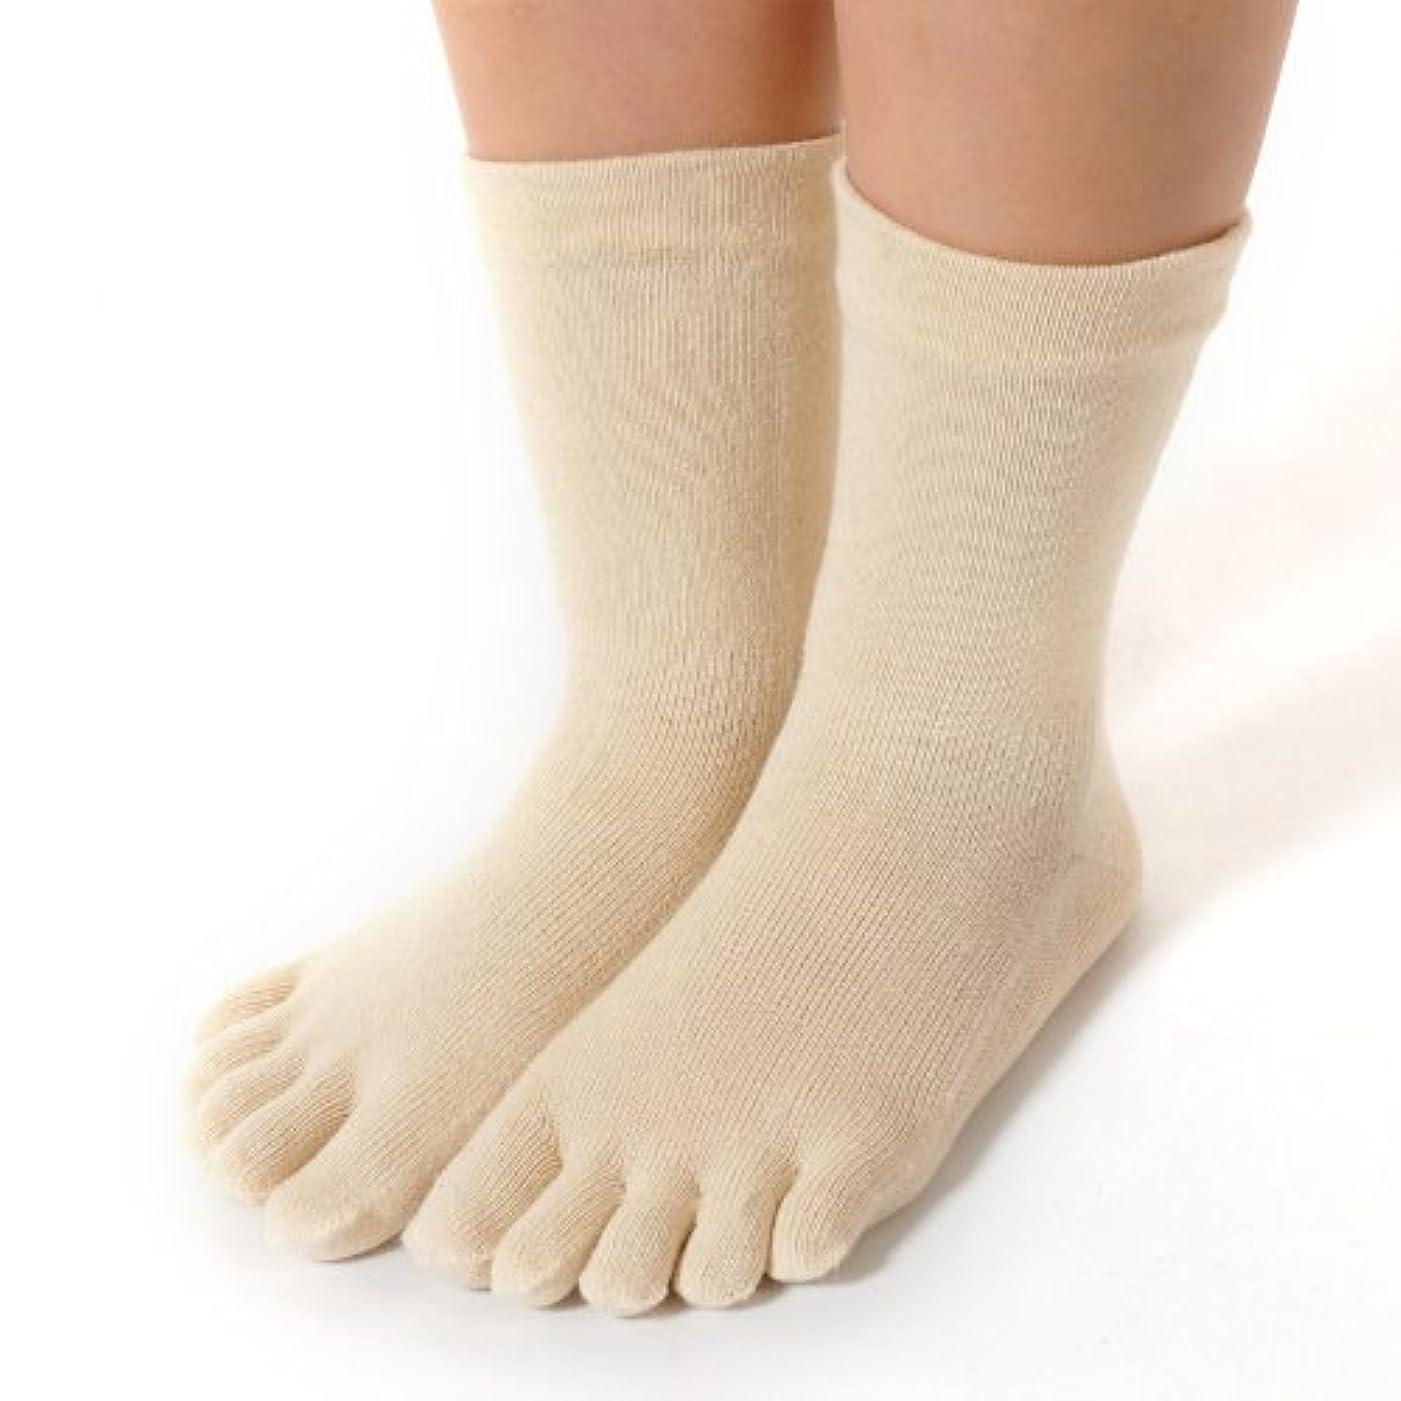 やる再生的狂う(ASAFUKU) 麻福 ヘンプ メンズソックス レディスソックス ゆったーり 靴下 5本指 ソックス M (23-25cm) 生成り